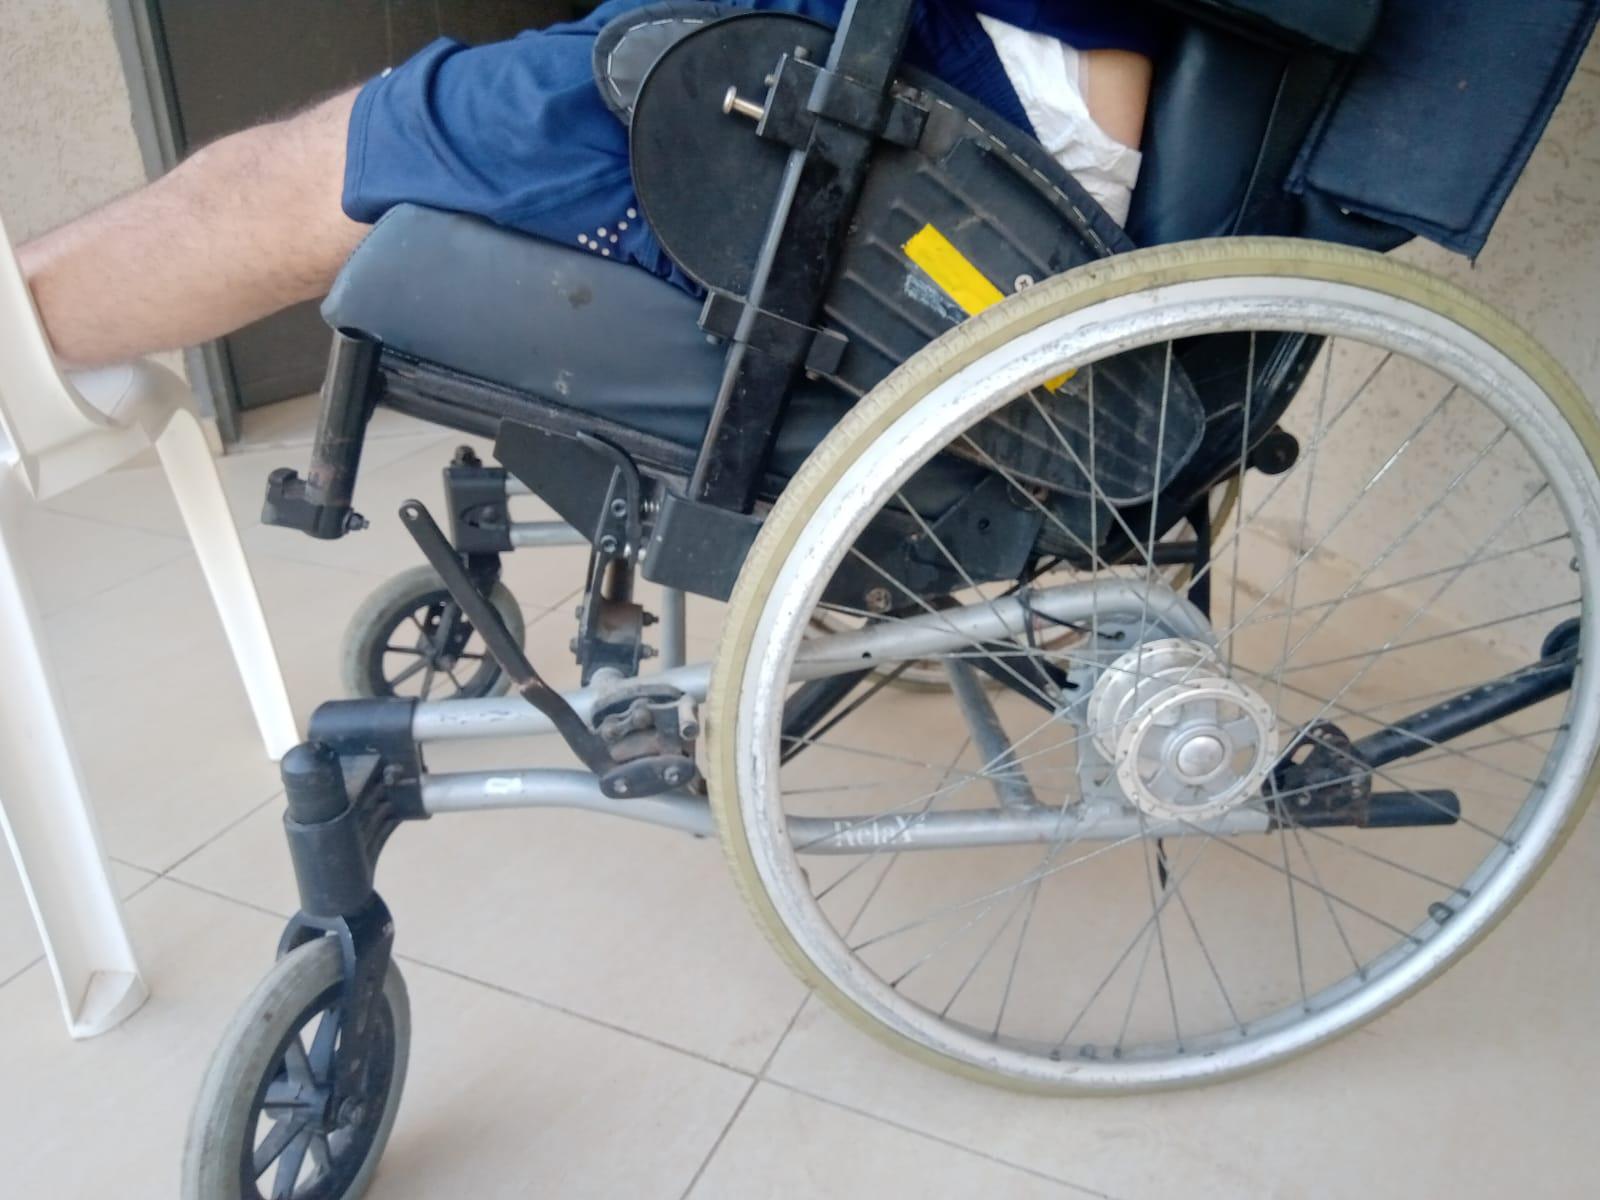 شاهد: حالة انسانية - ساهموا في تخفيف معاناة الشاب المقعد يوسف حامد من اللد